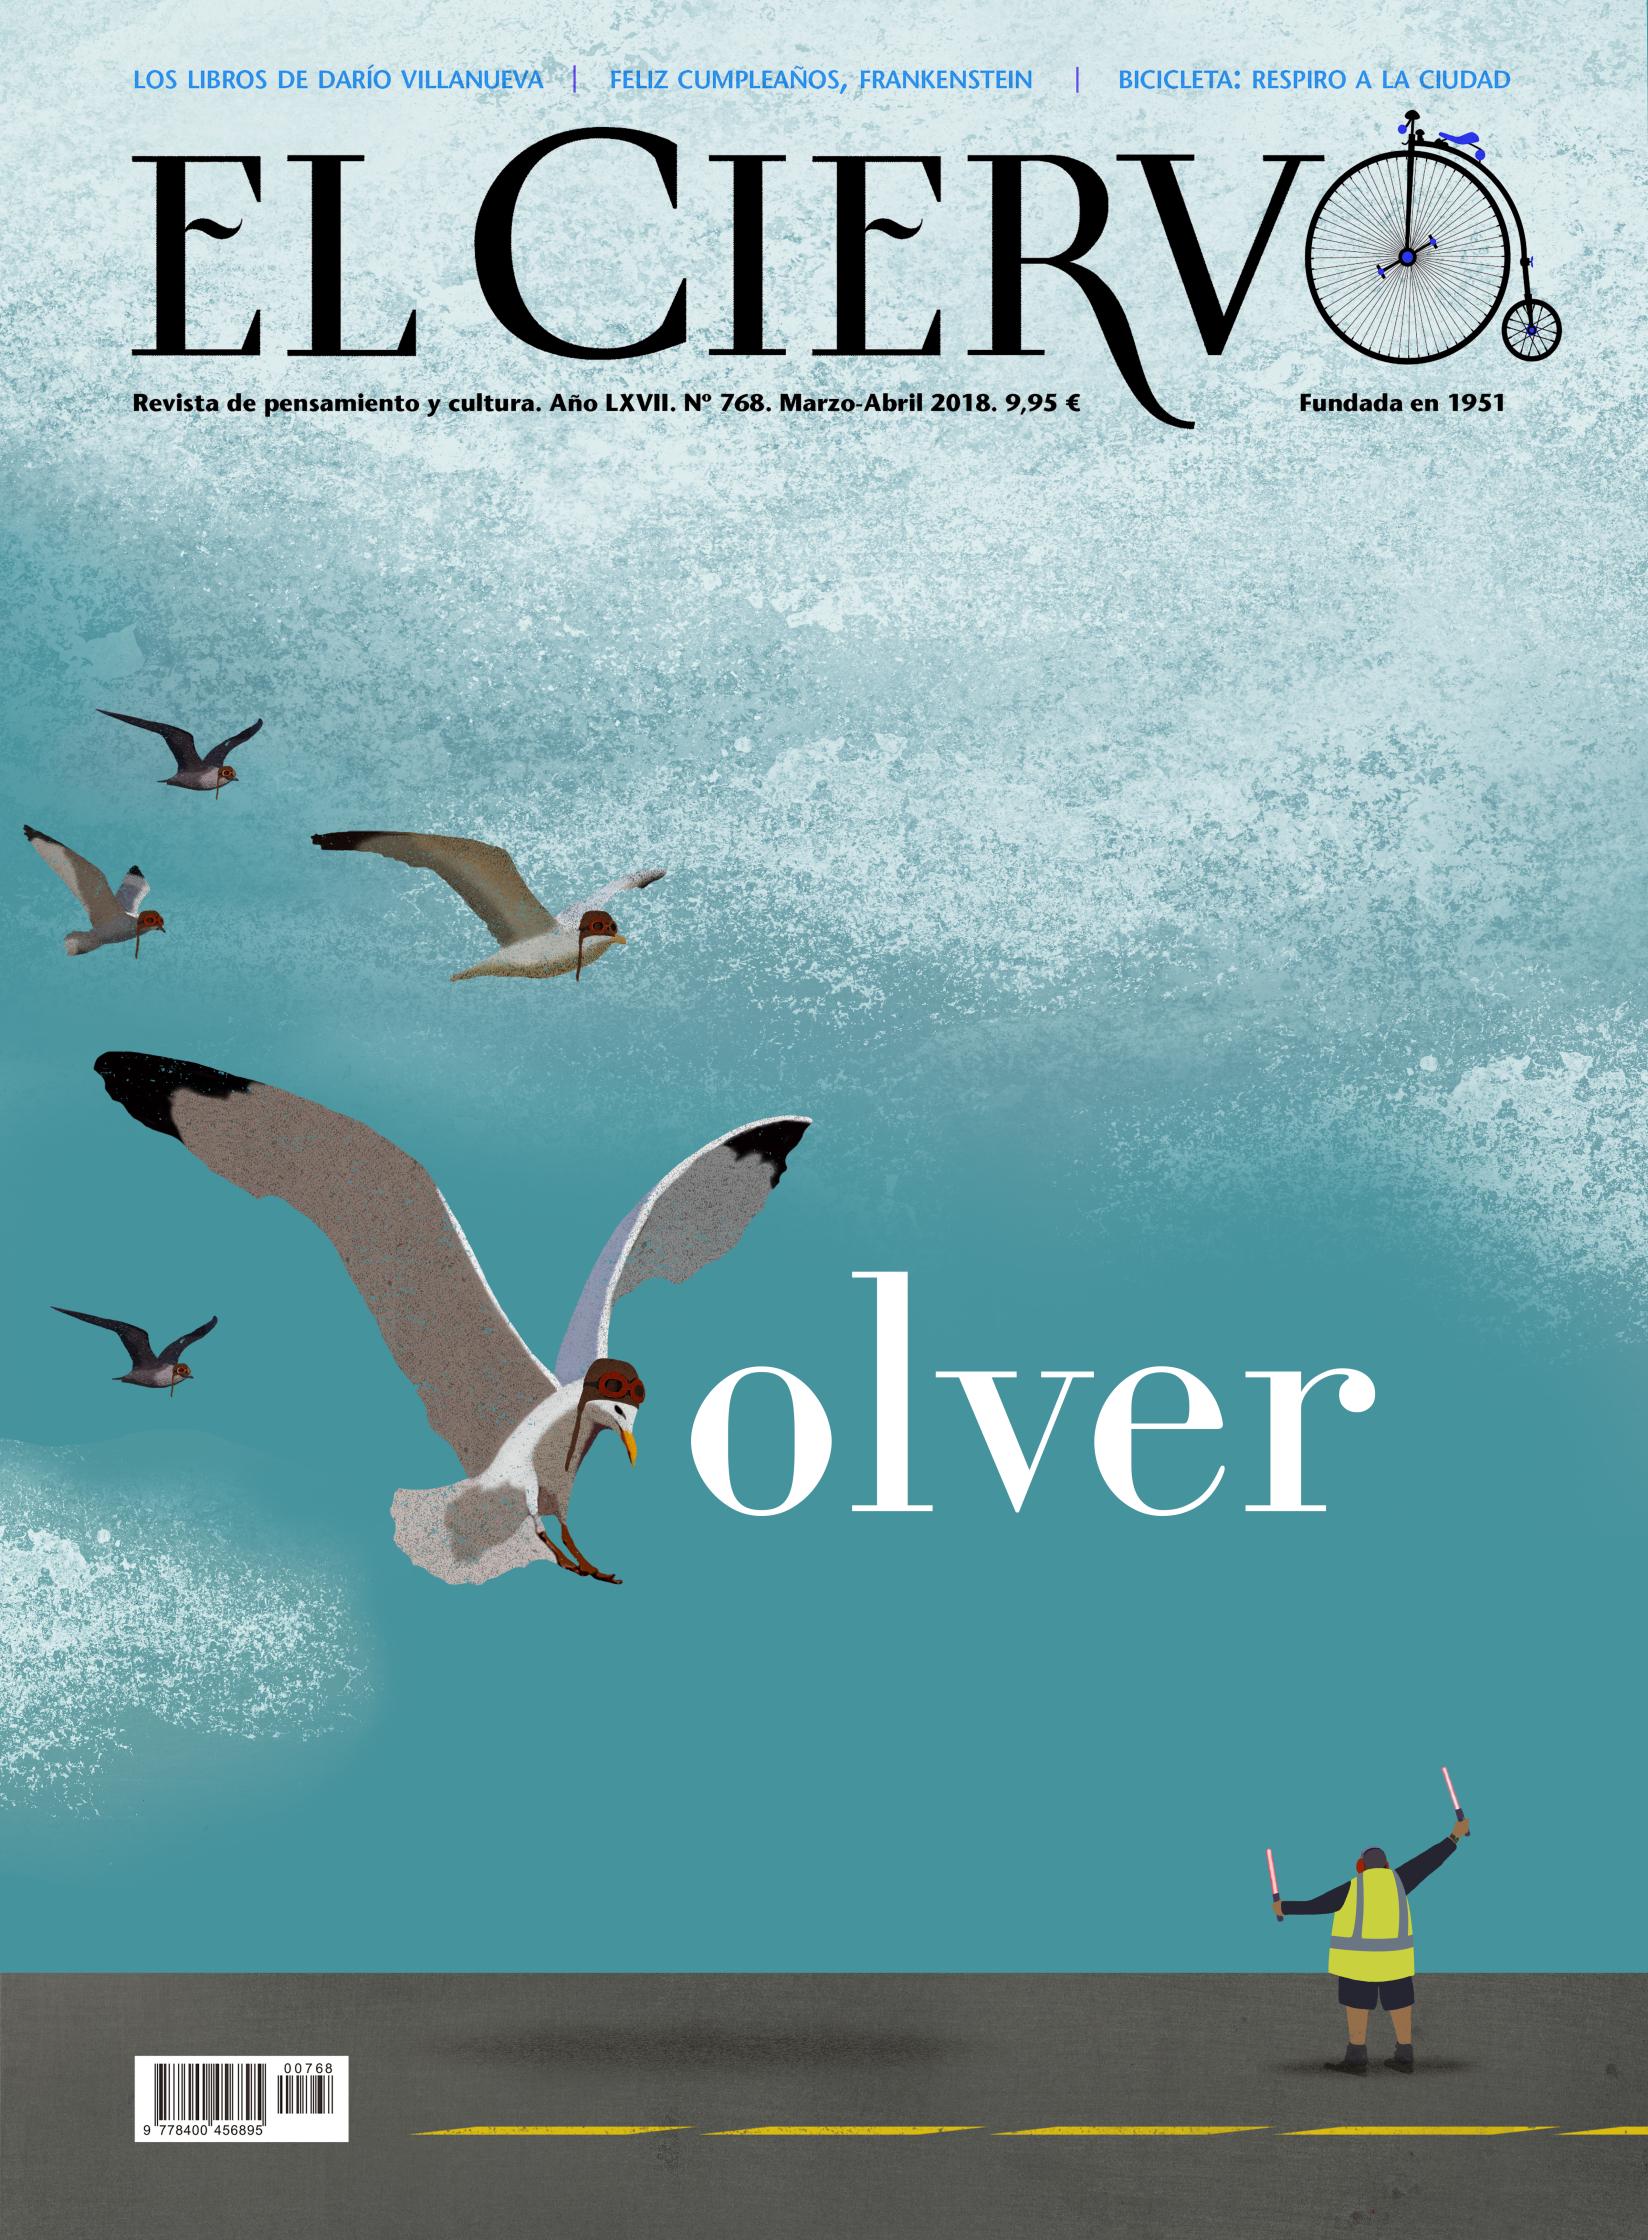 Cover for El Ciervo - Volver.jpg